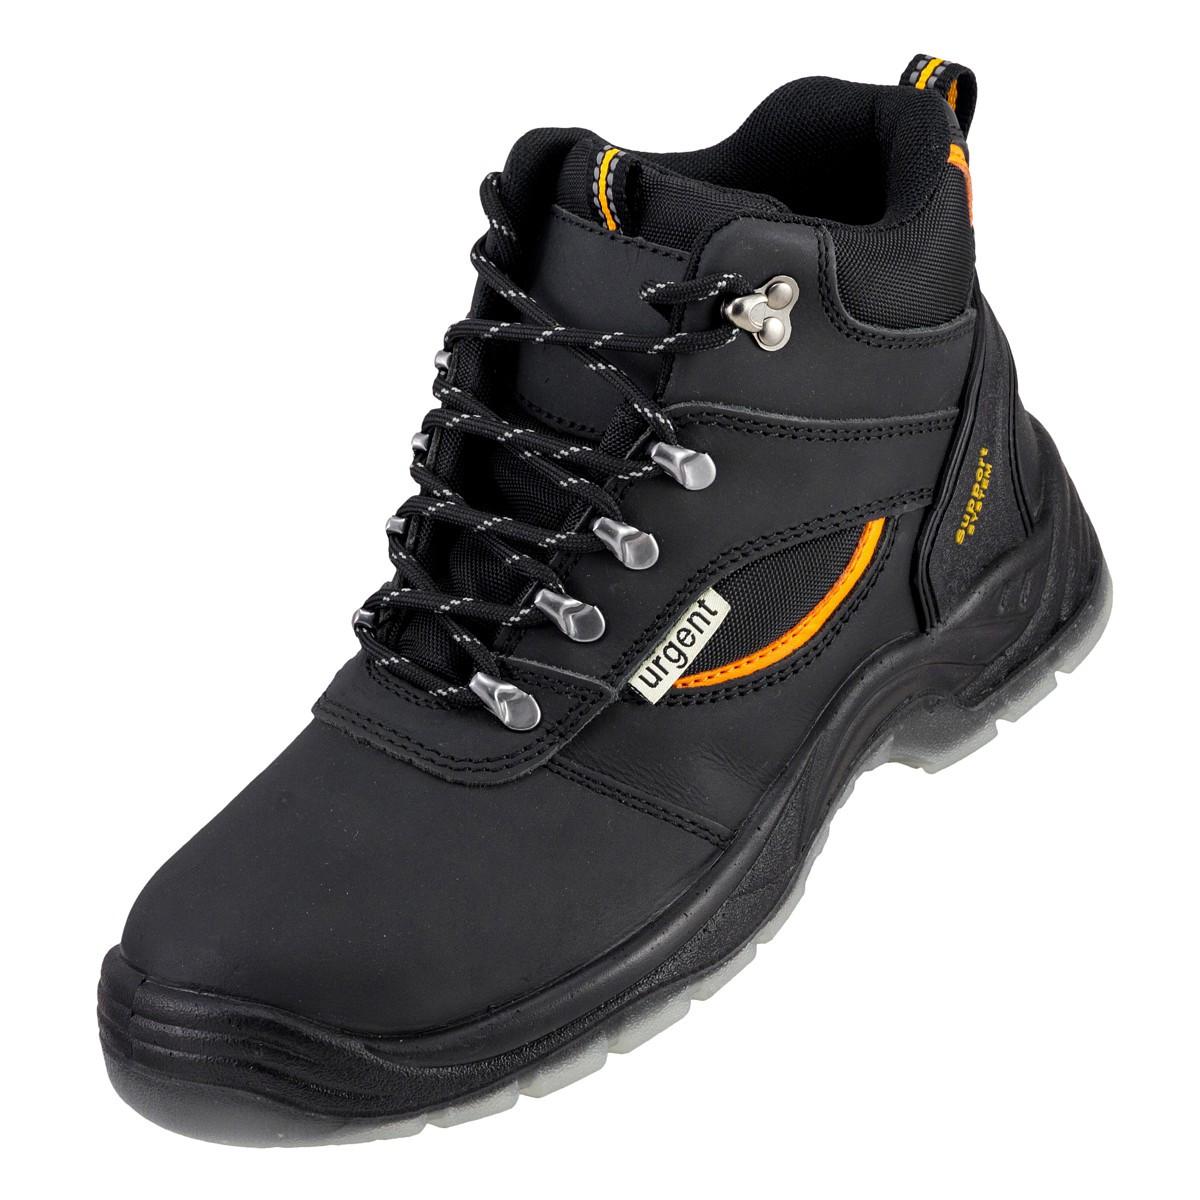 Взуття Trzewiki 120 S3 TPU з металевим носком та антипрокольной підошвою URGENT (POLAND)